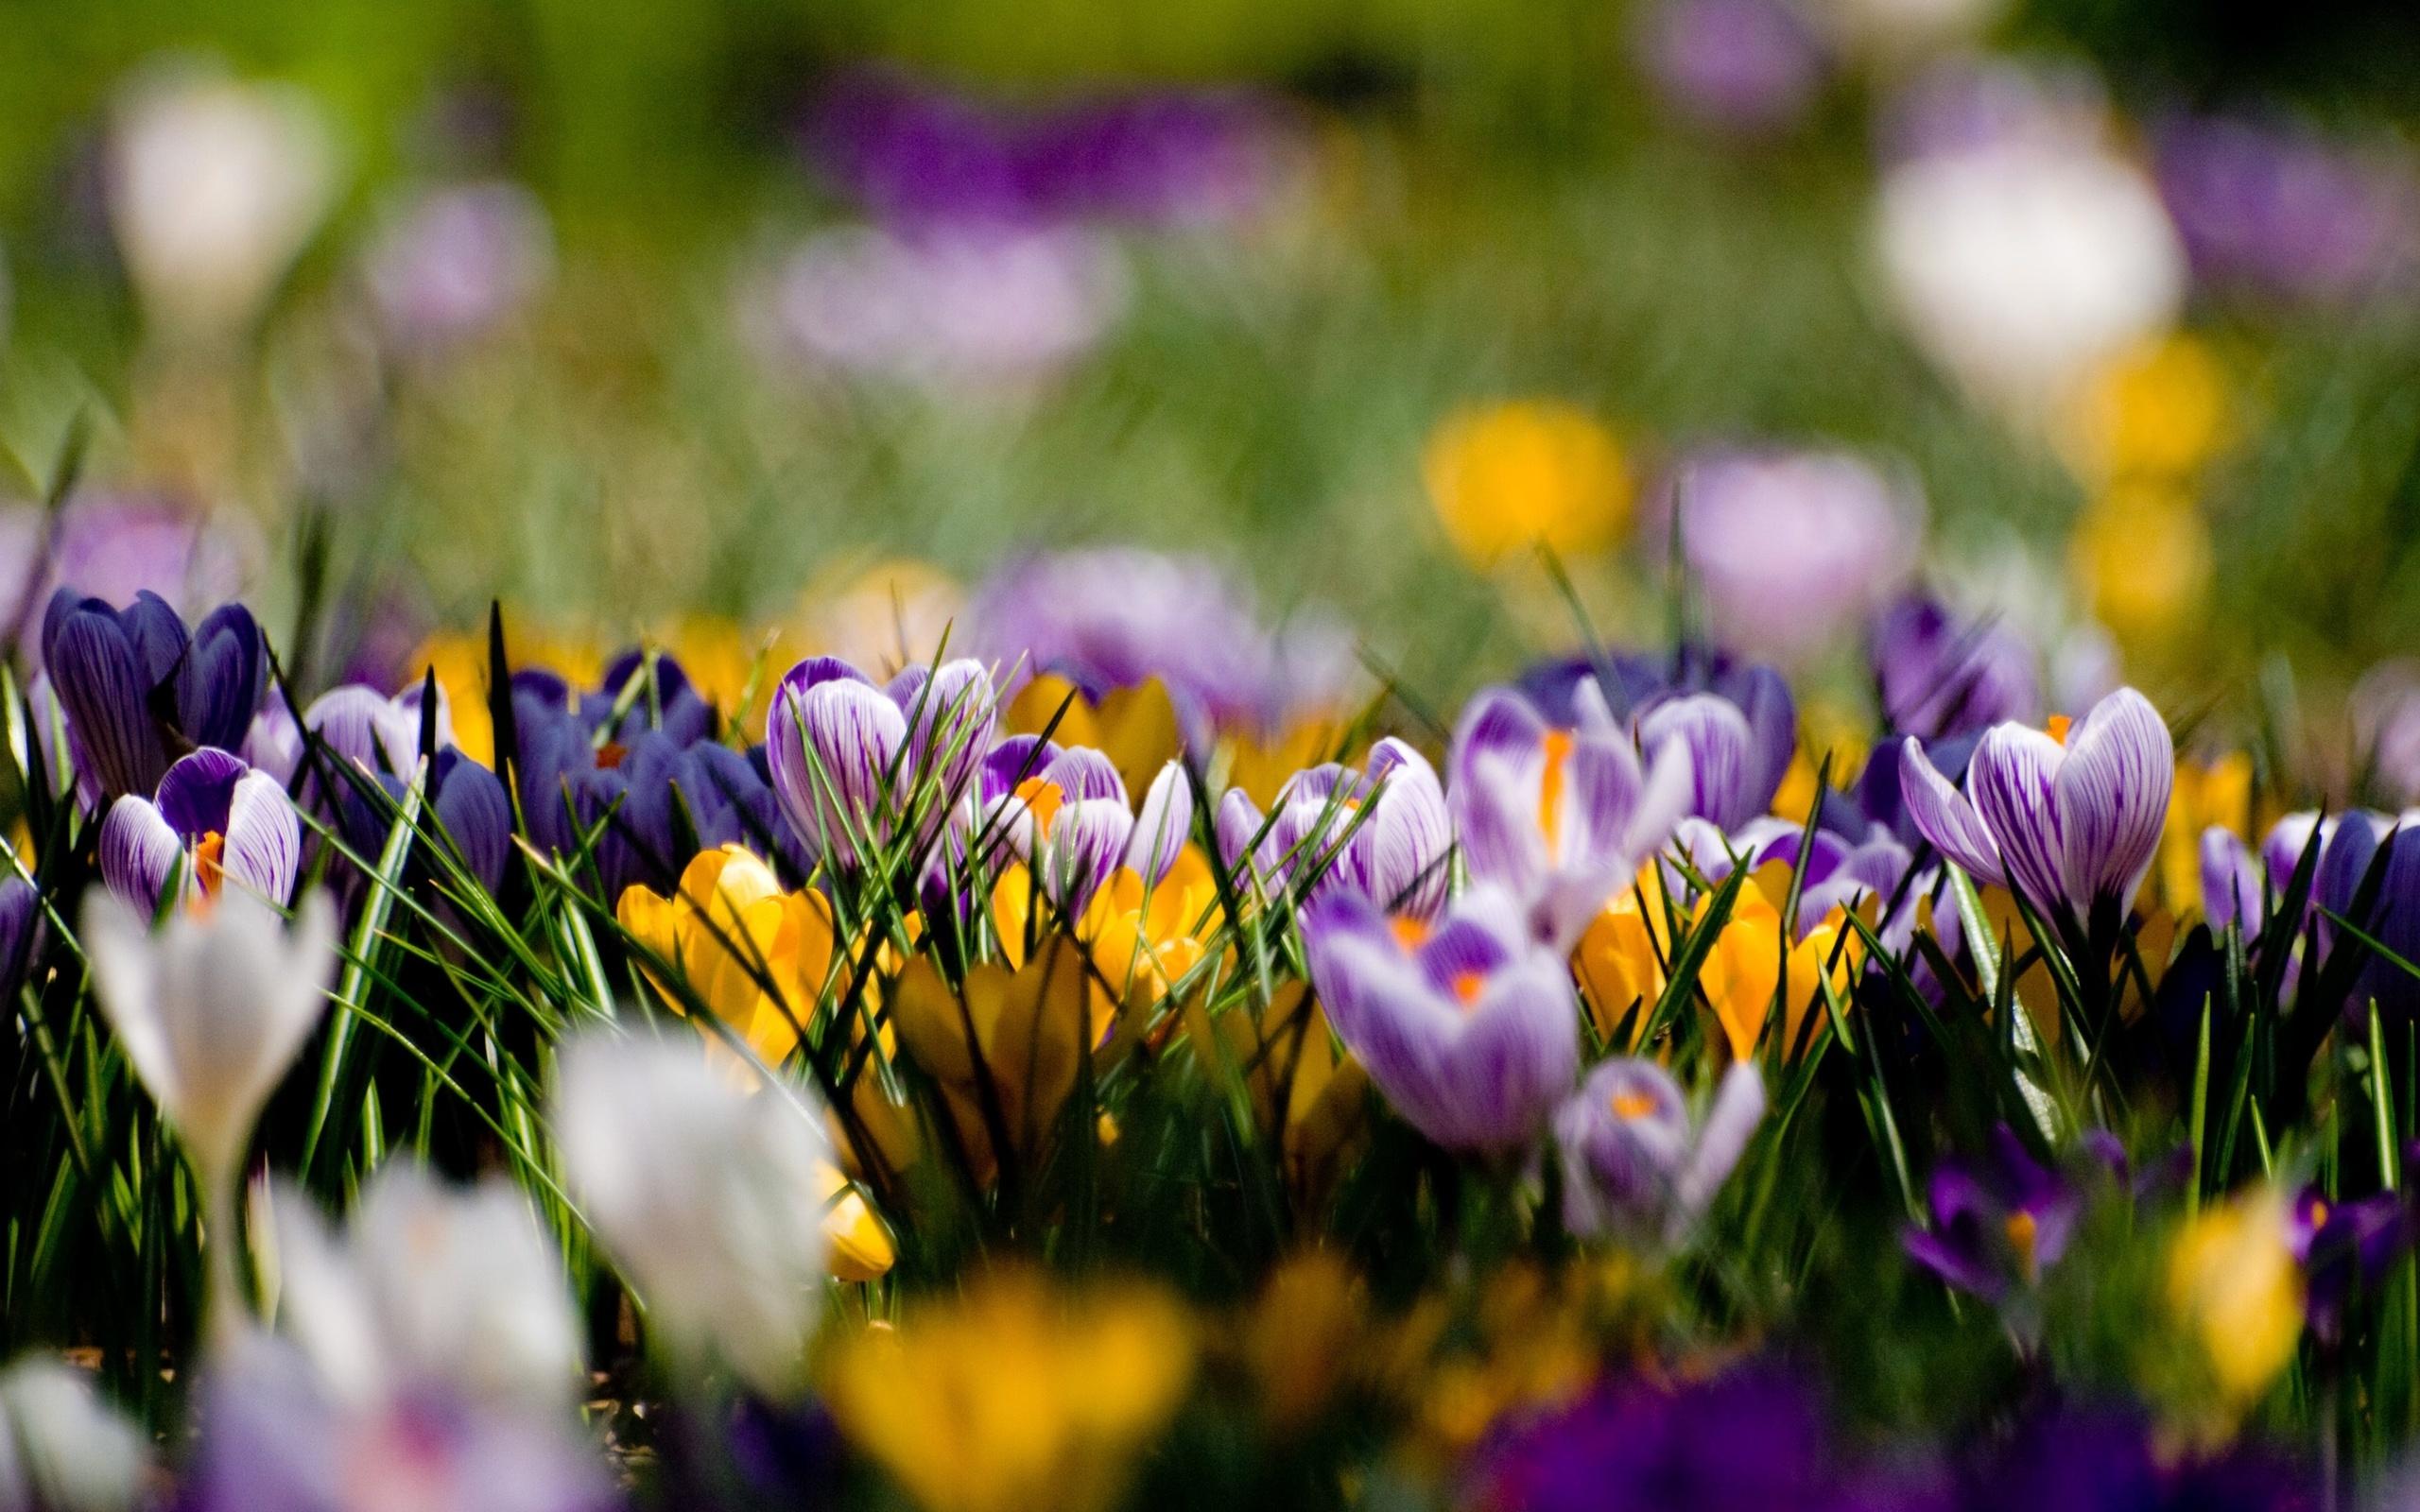 фоновые картинки цветы 1920х1080 полового